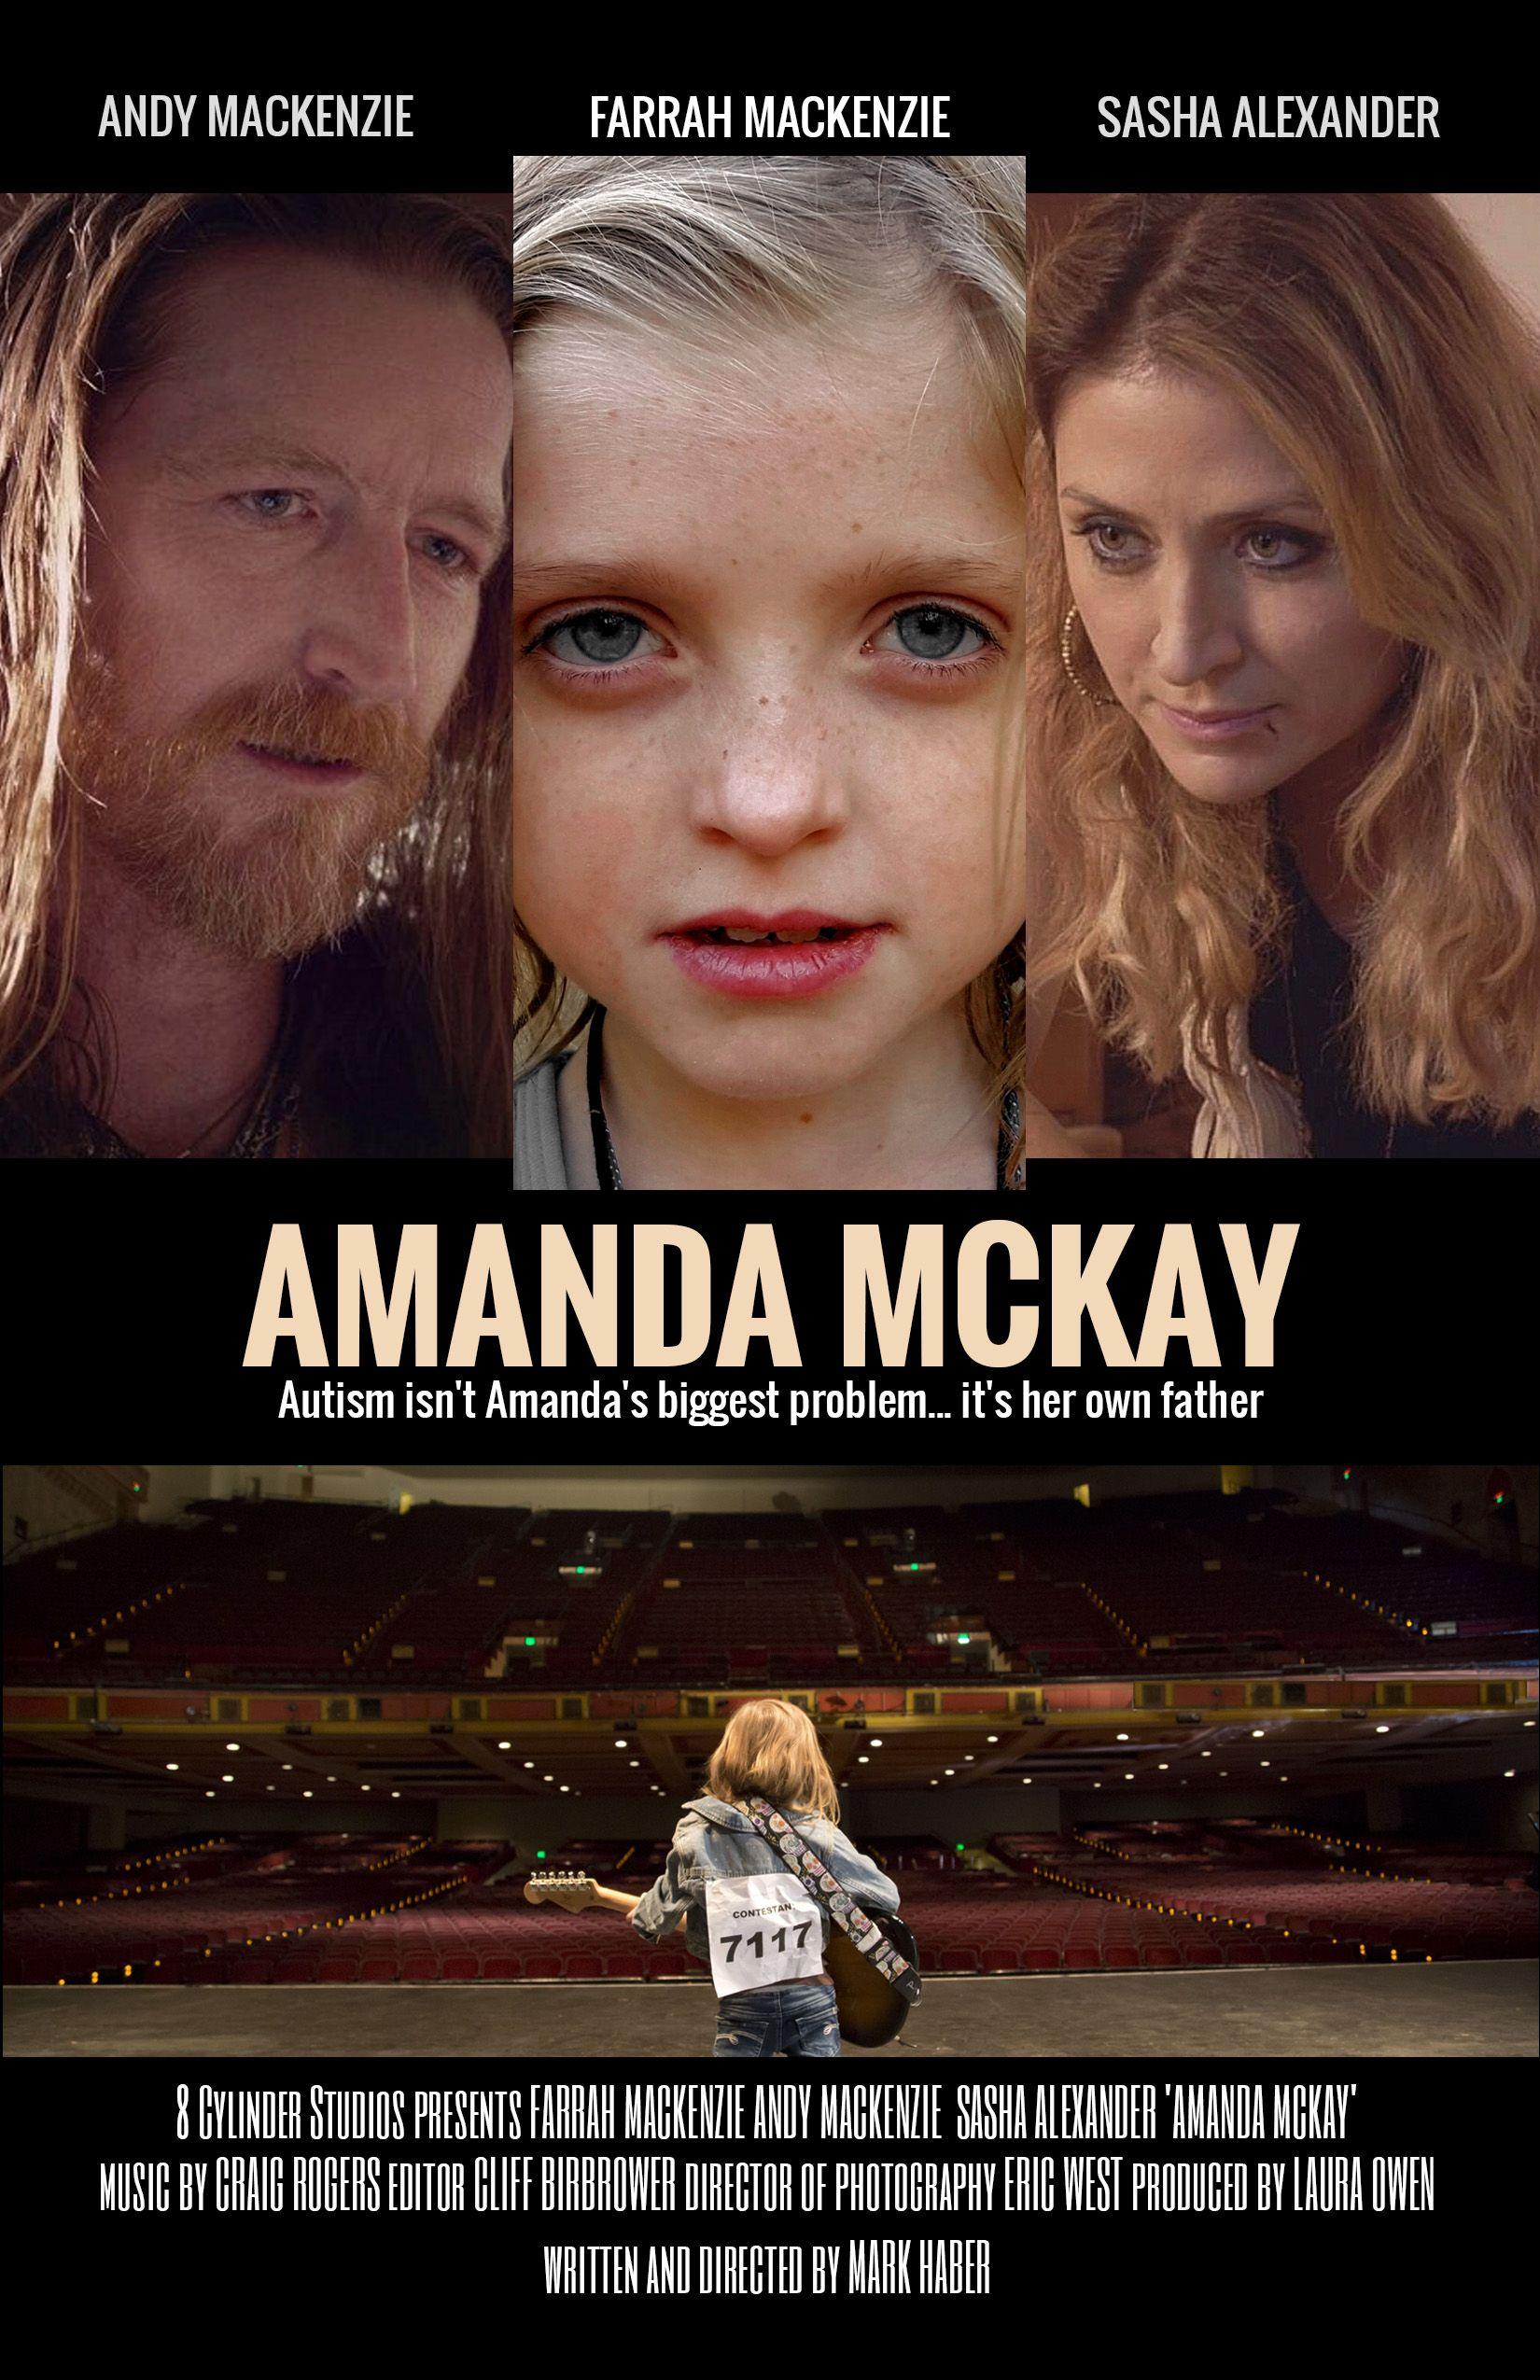 Amanda McKay